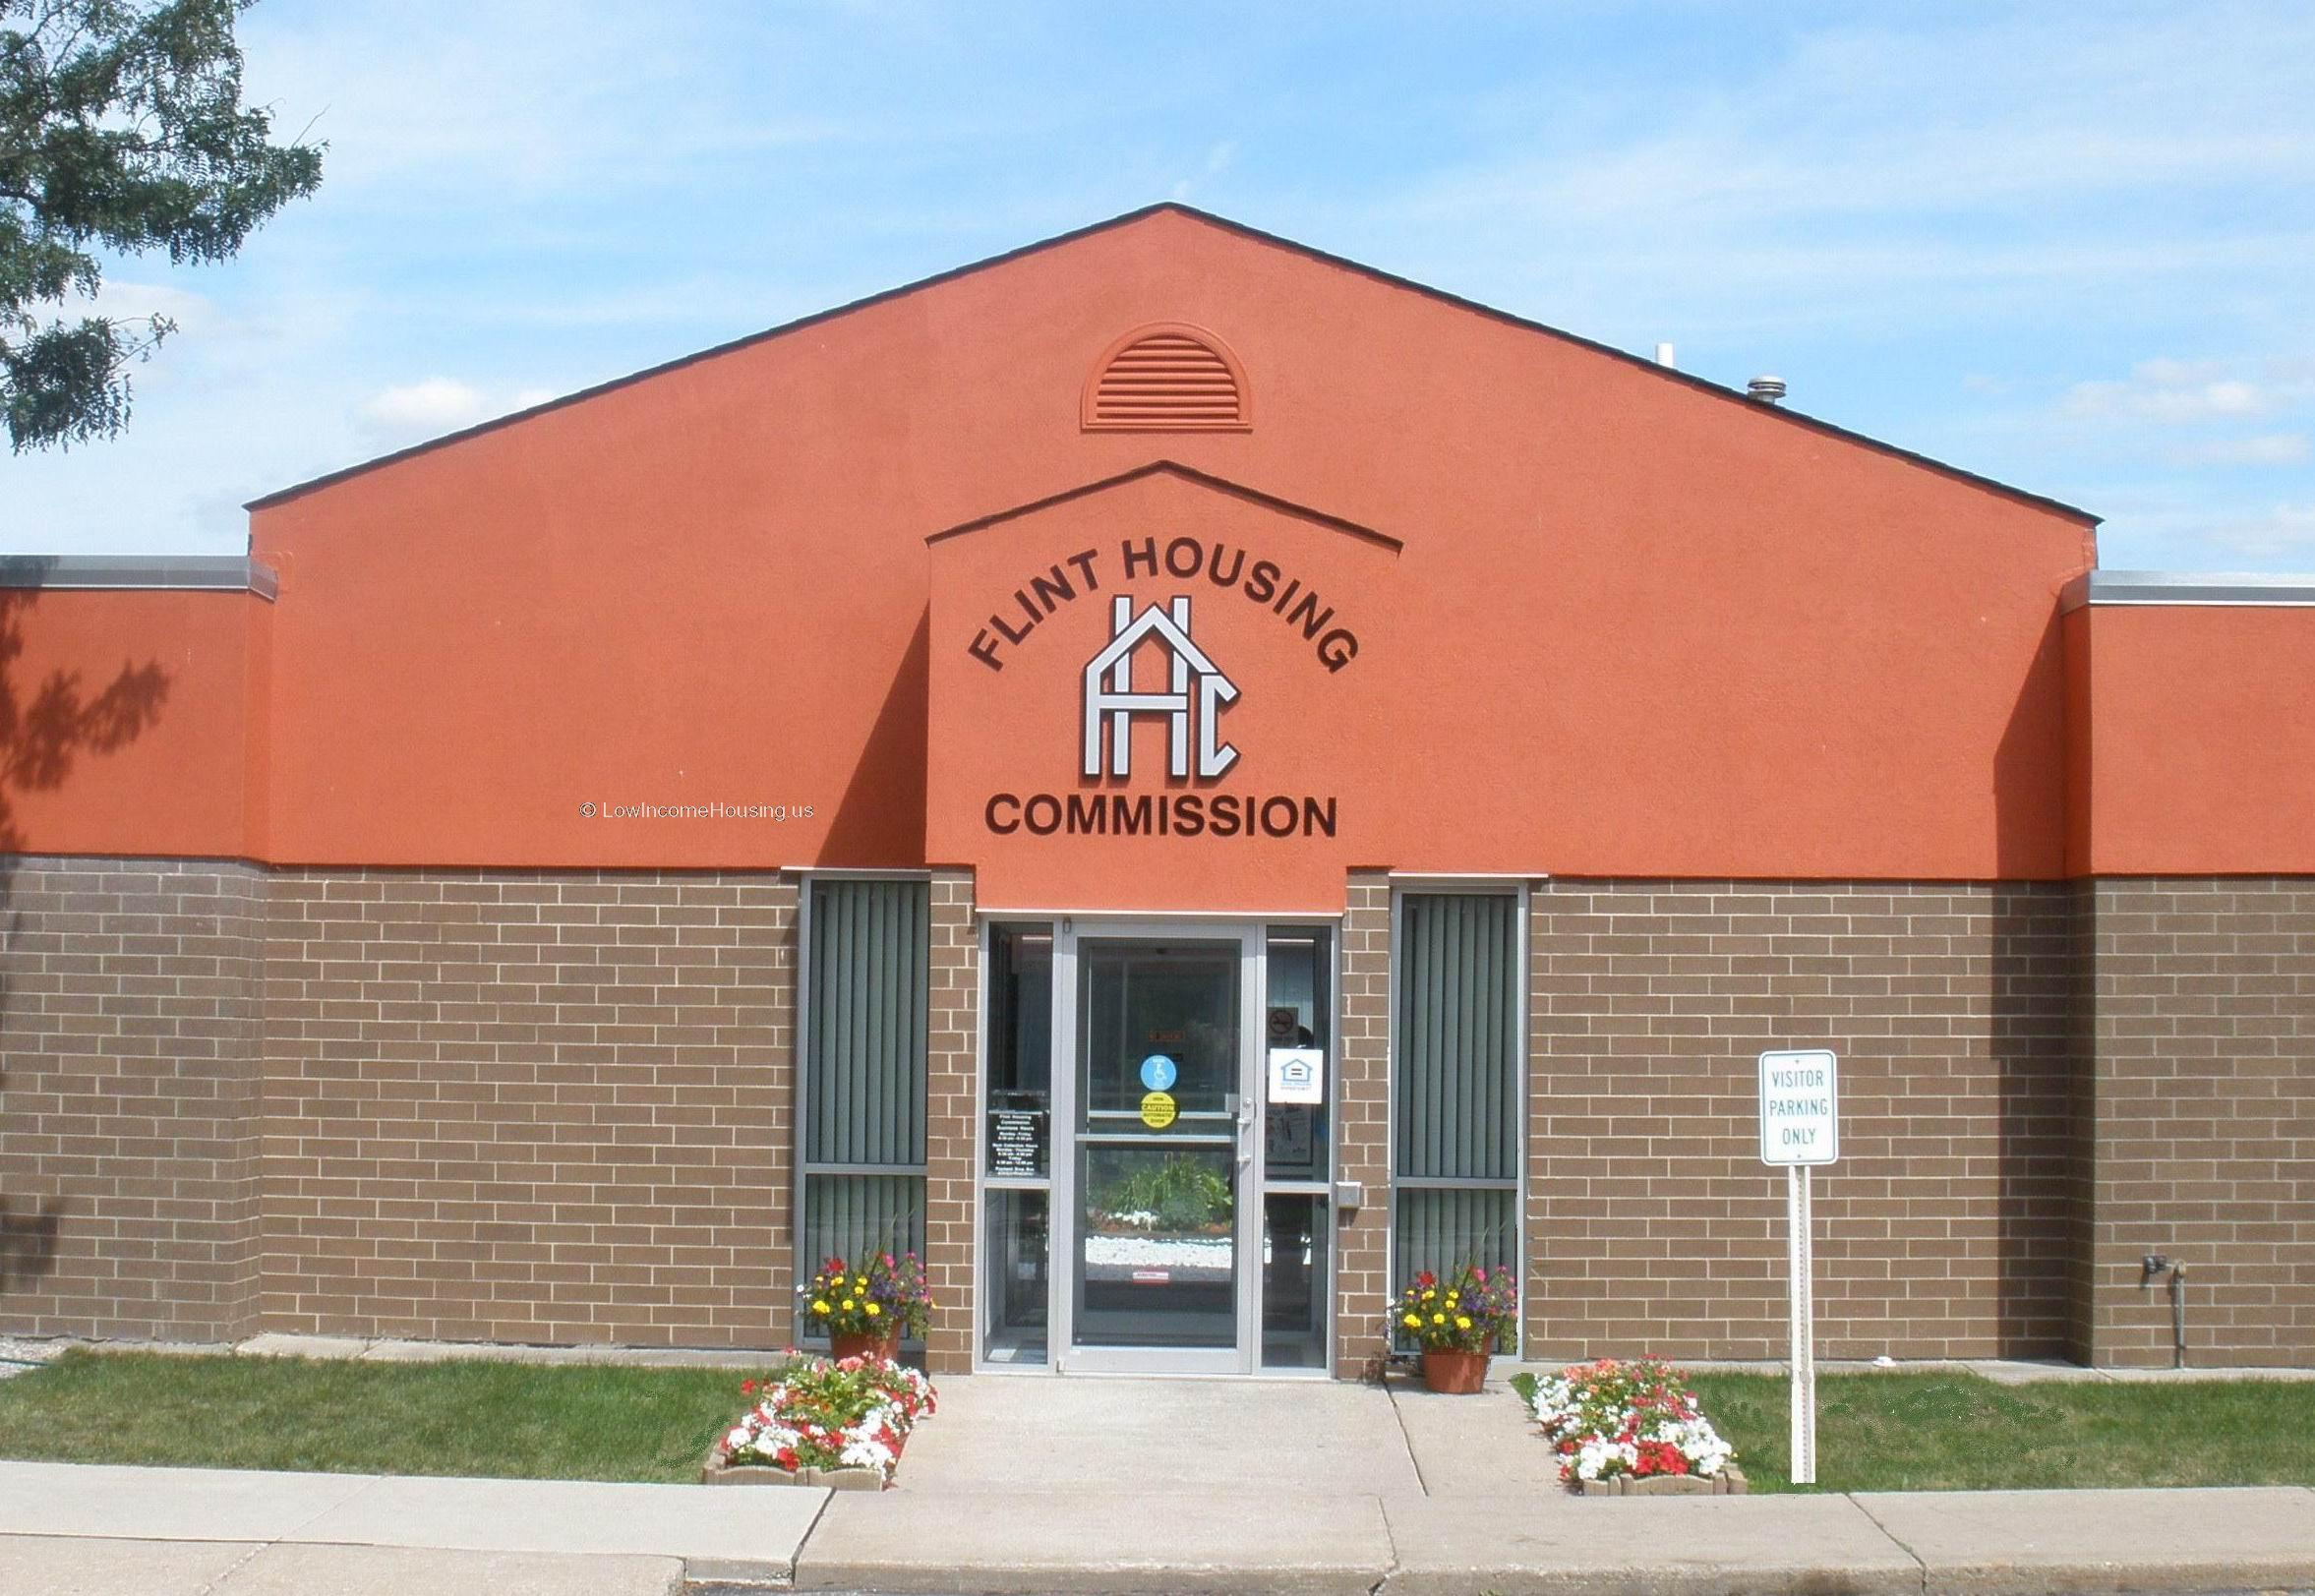 Flint Housing Commission